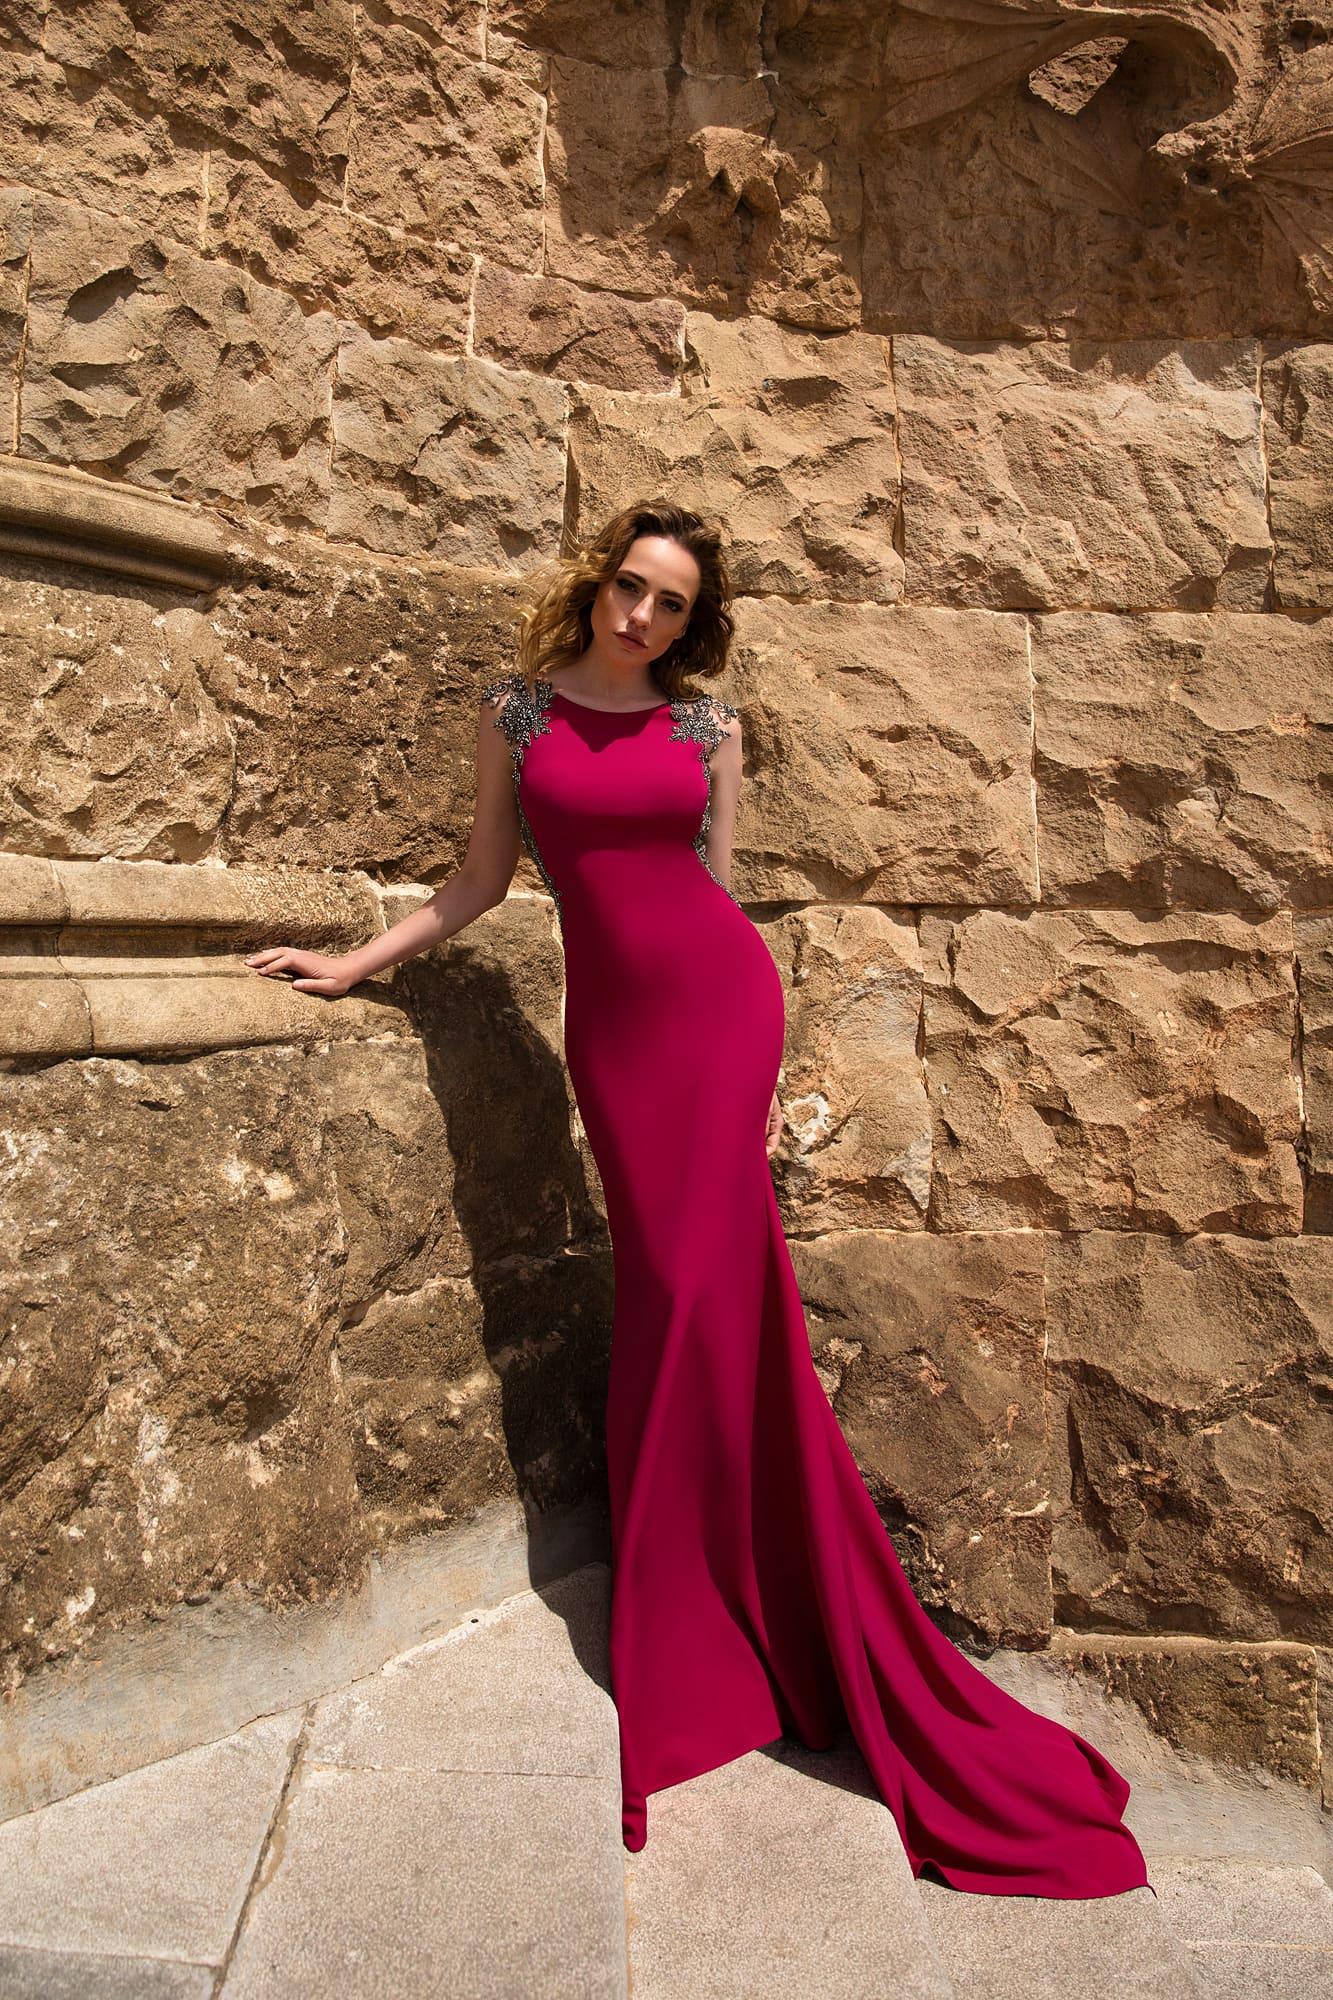 Облегающее вечернее платье насыщенного винного цвета с сияющей бисерной отделкой по лифу.